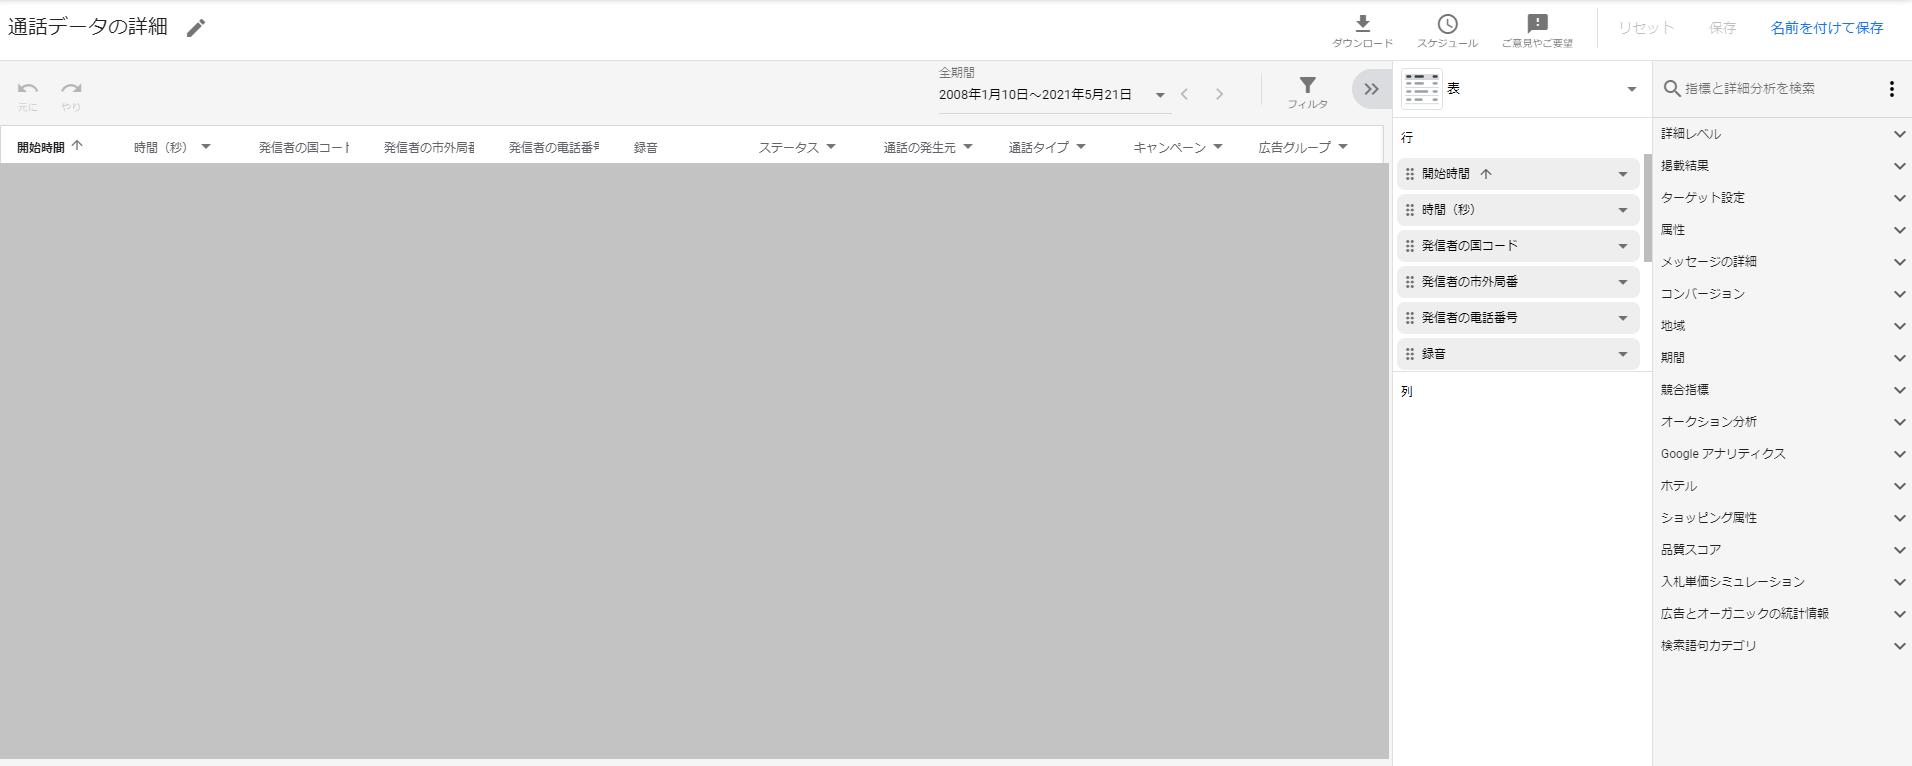 Google広告の通話の詳細データのレポート